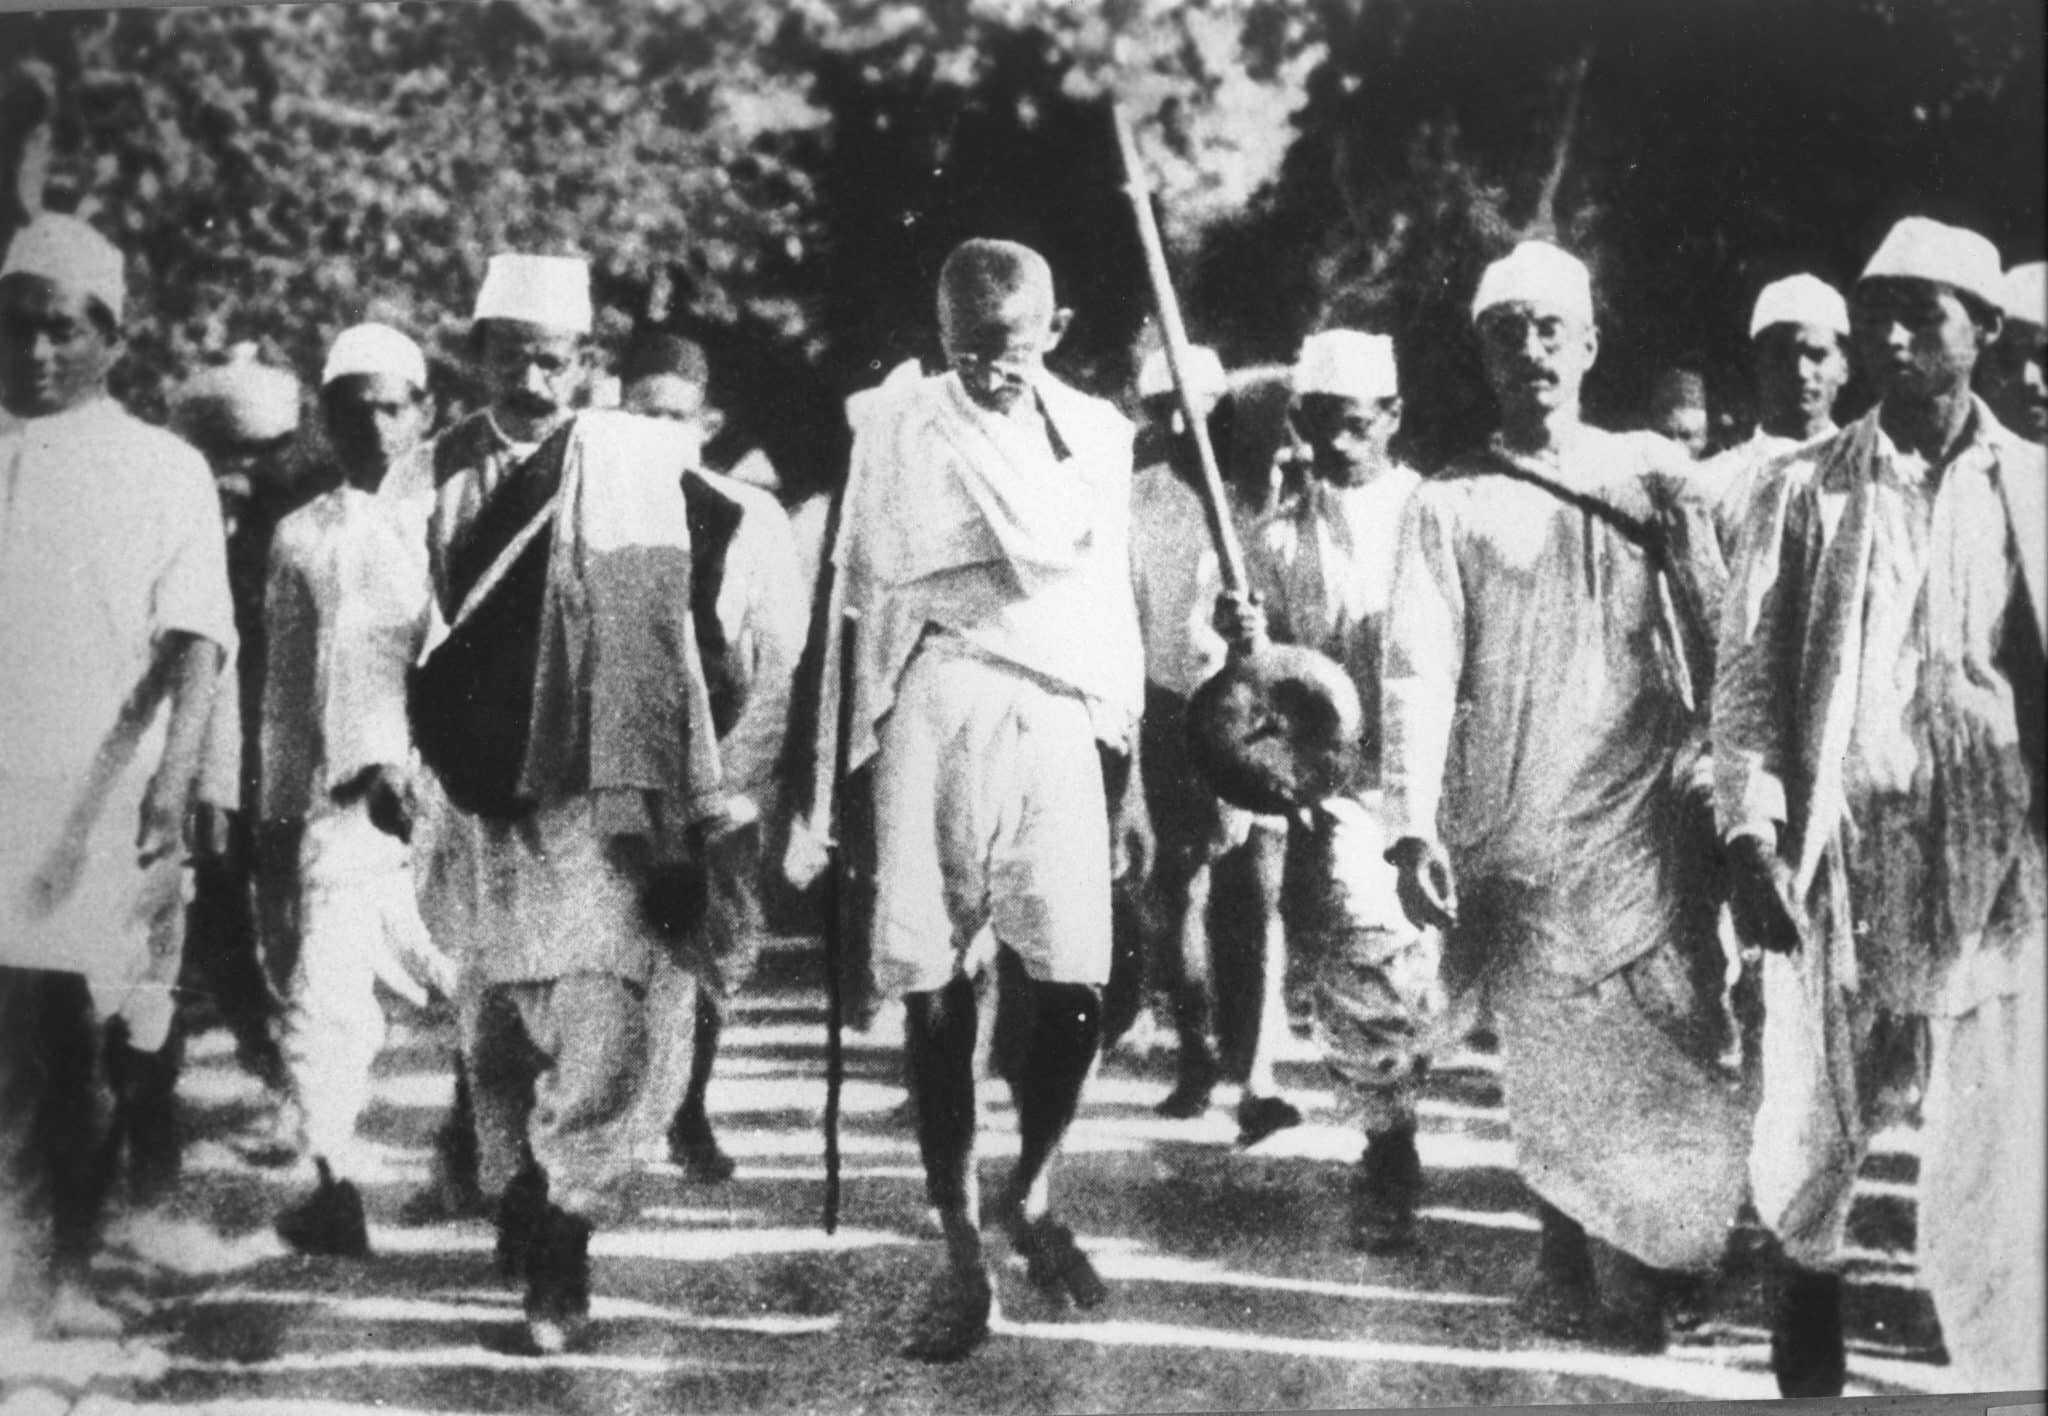 גנדי צועד לים במחאה על מס המלח הבריטי. 1930